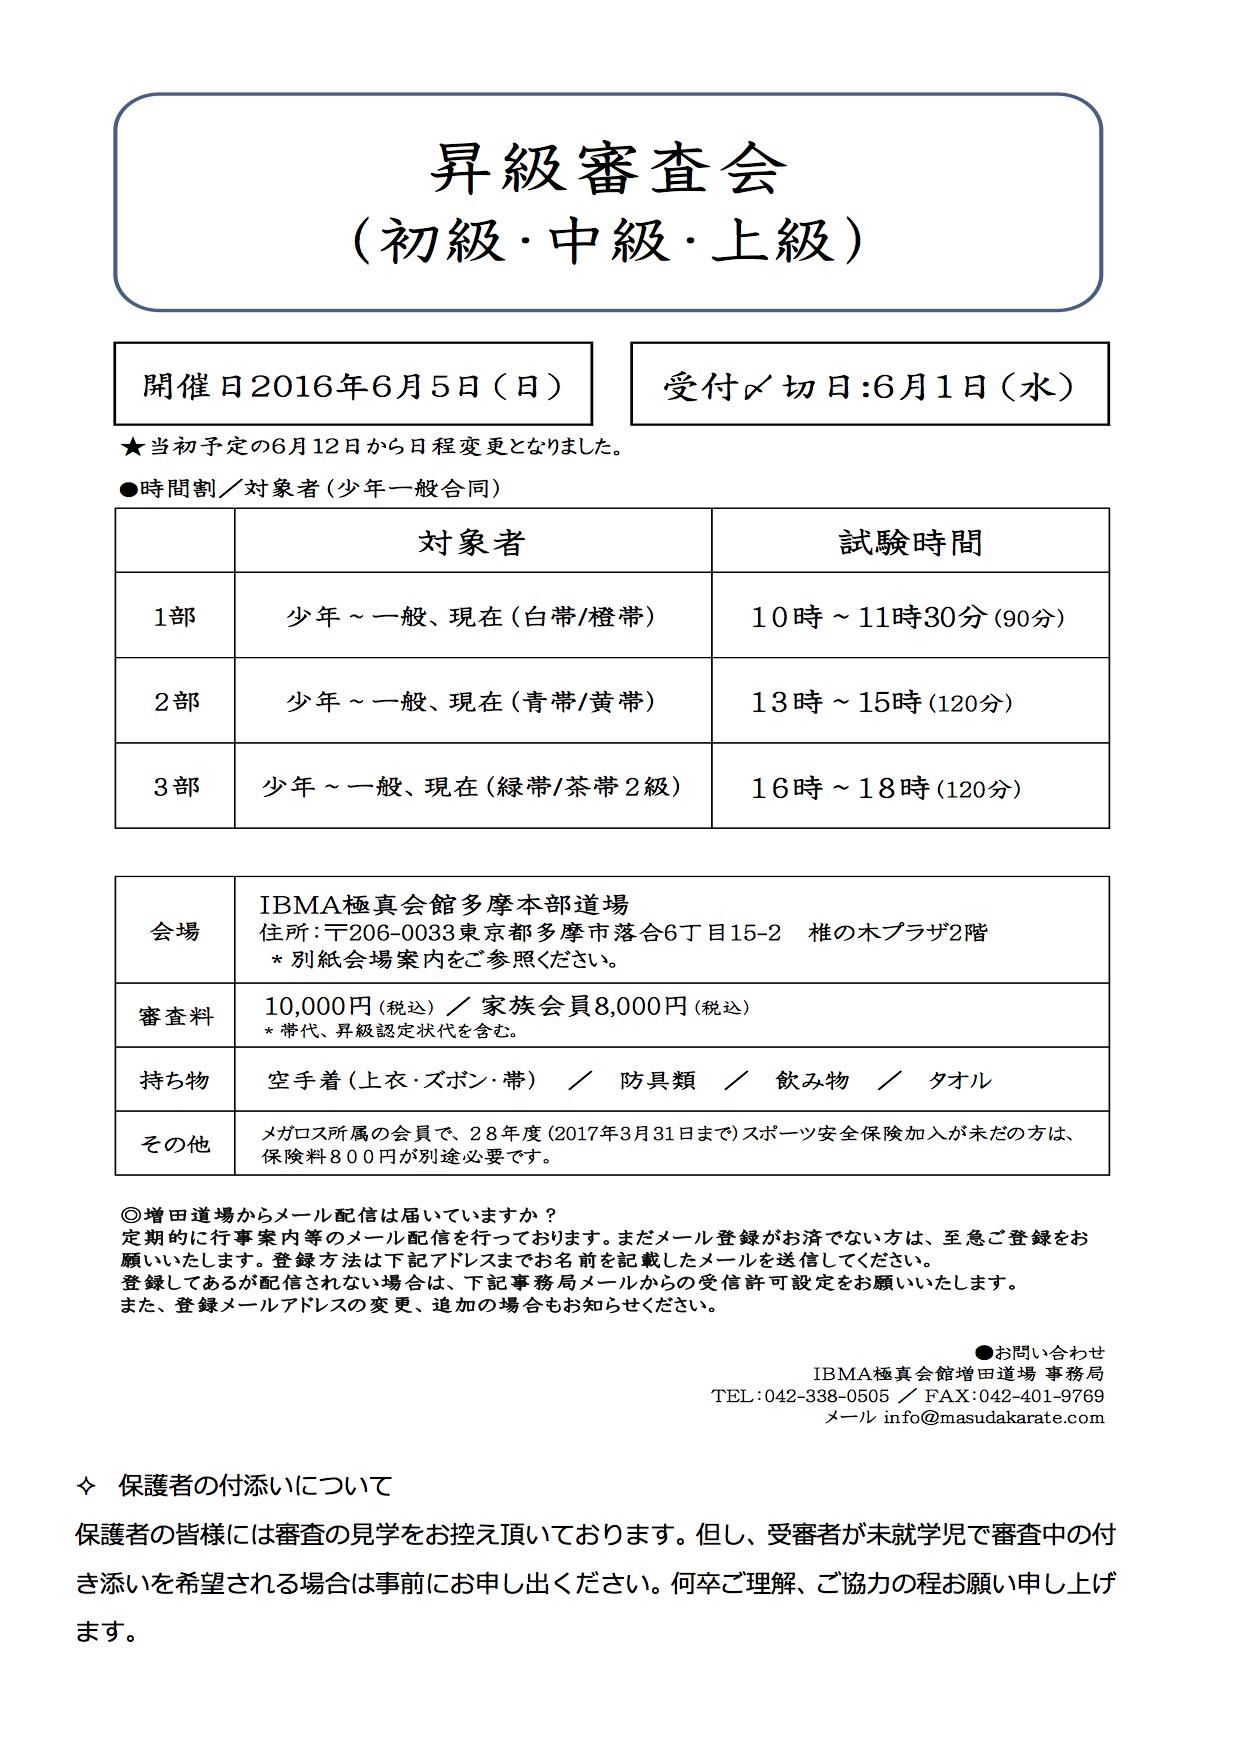 2016年 夏季 初級中級上級審査 告知 申込み綴り1